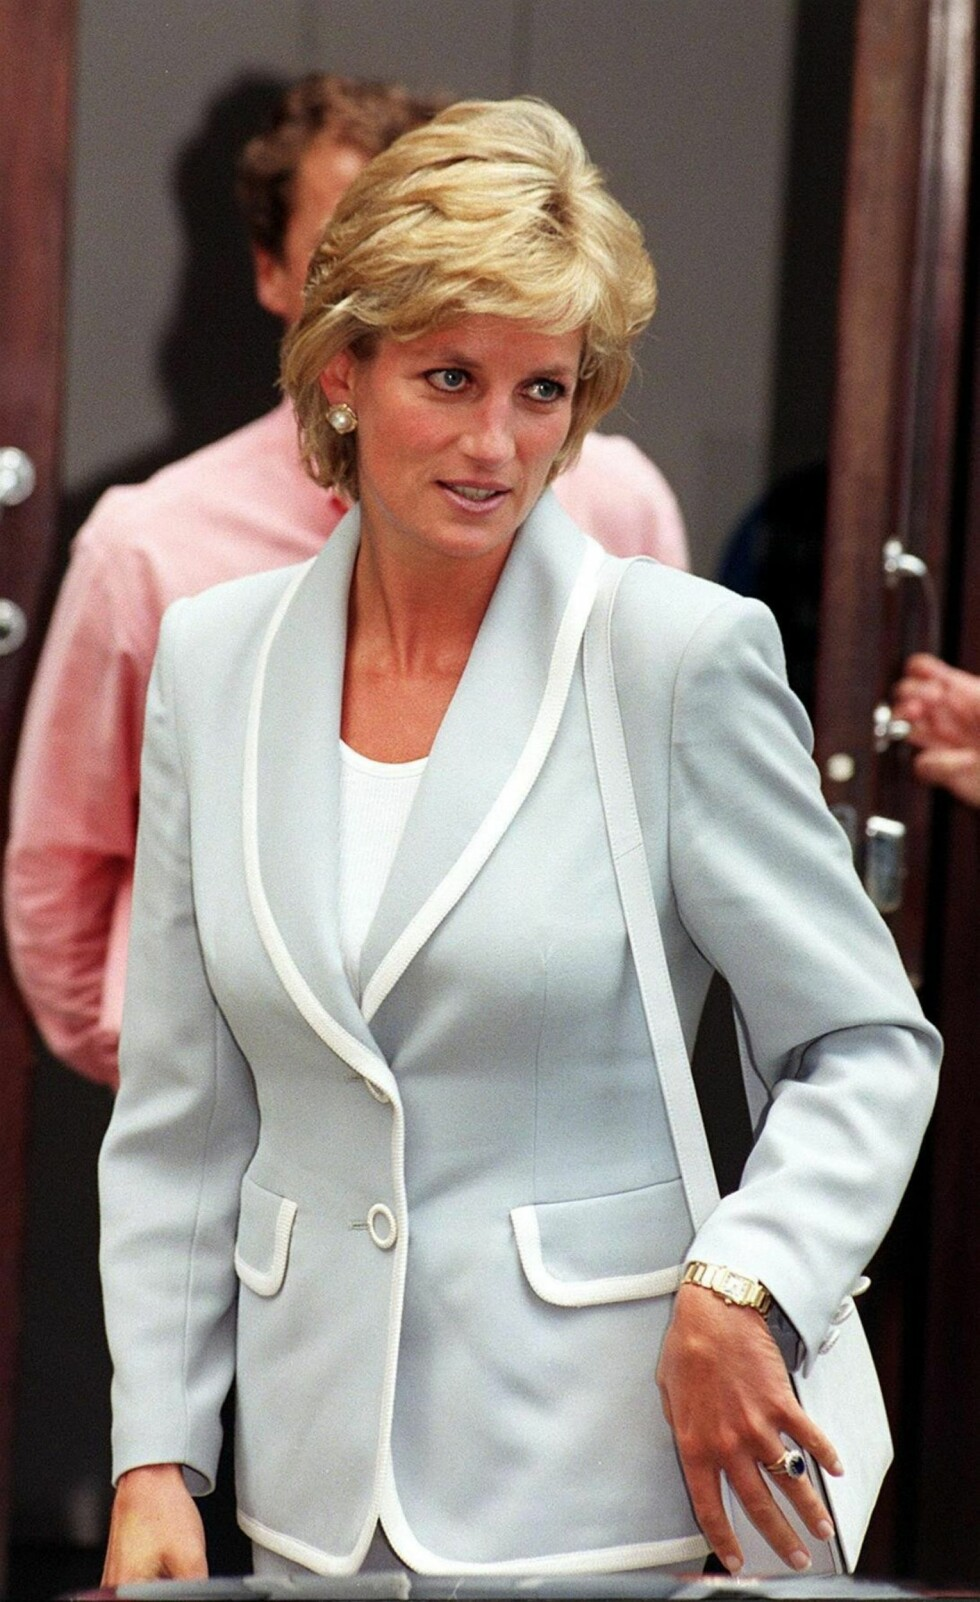 BABYBLÅTT: En farge vi ofte så prinsesse Diana i!